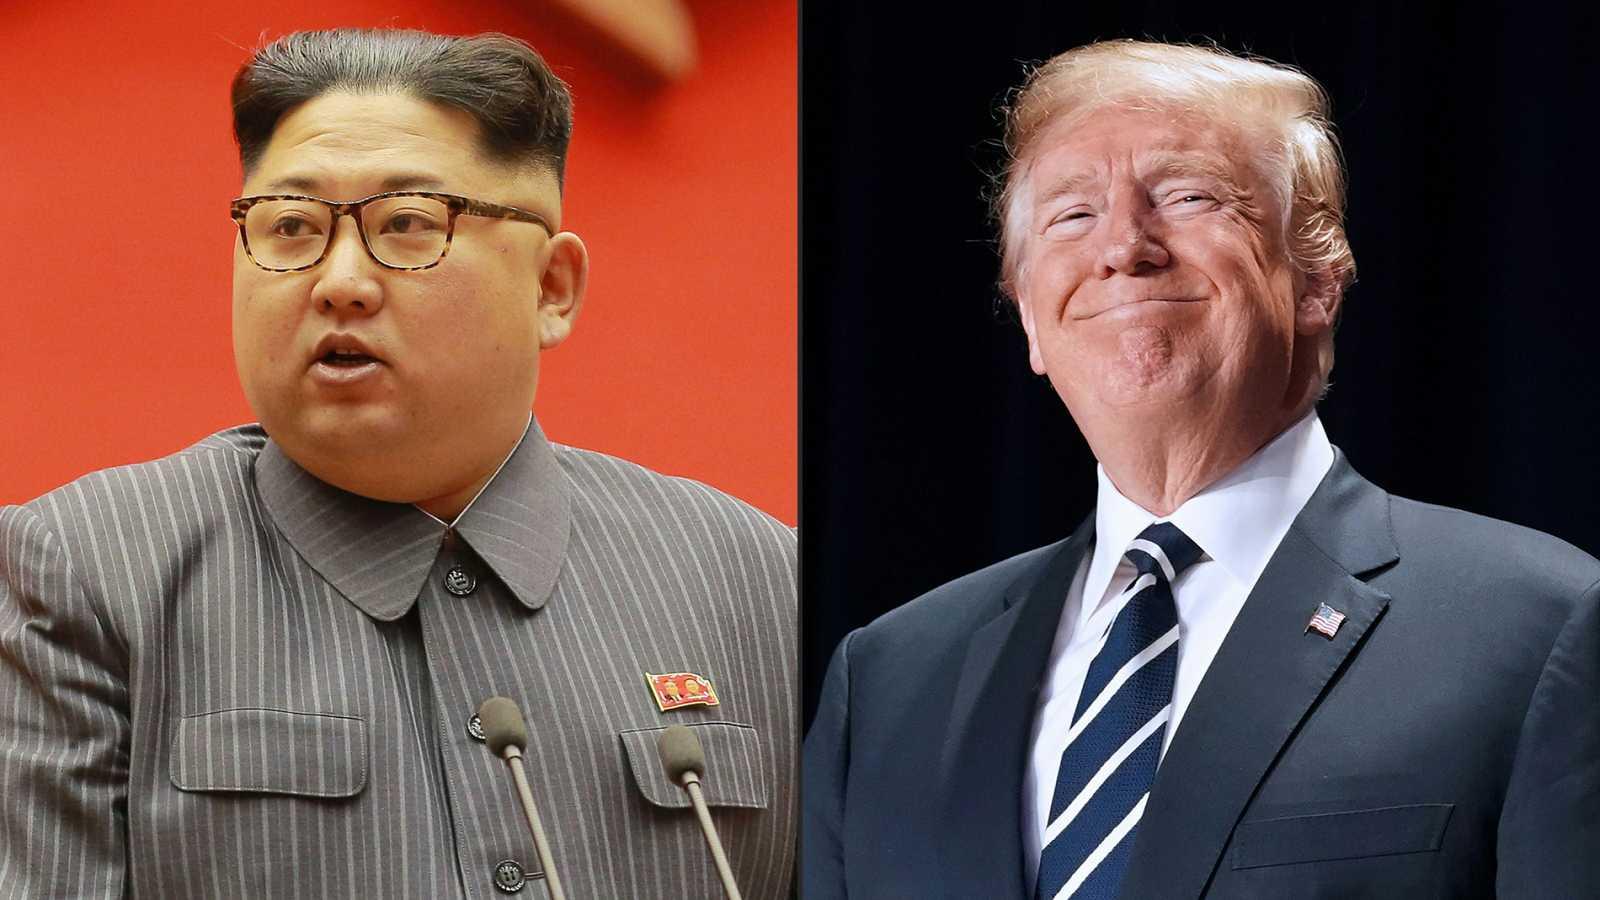 La comunidad internacional reacciona con expectativas ante la noticia de un posible encuentro entre Donald Trump y Kim Jong-un